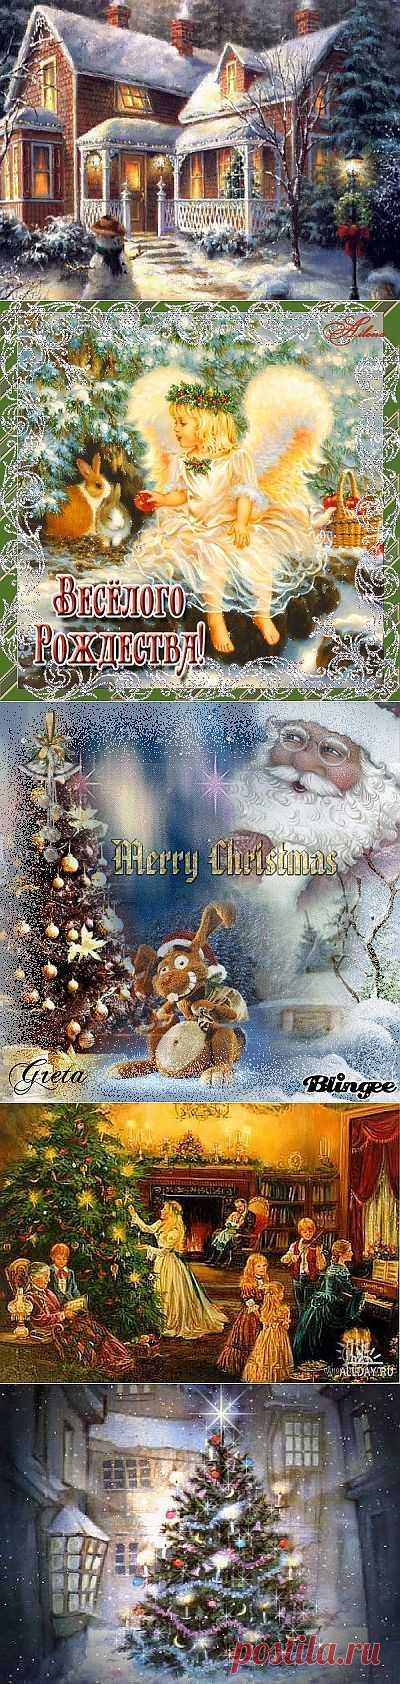 Католическое Рождество 25 декабря.